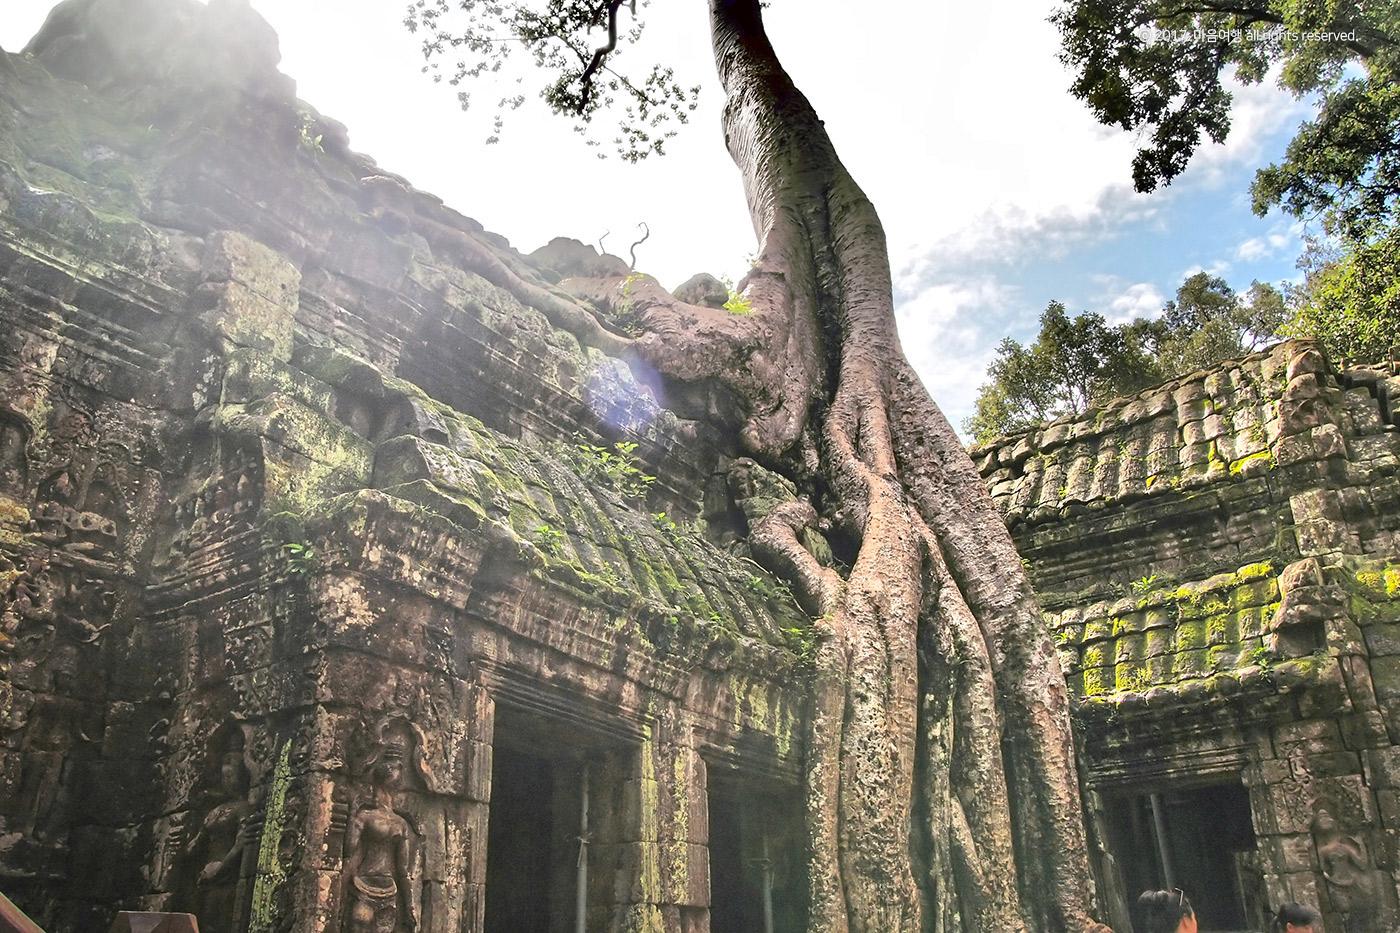 이엥나무가 뿌리내린 타프롬 사원